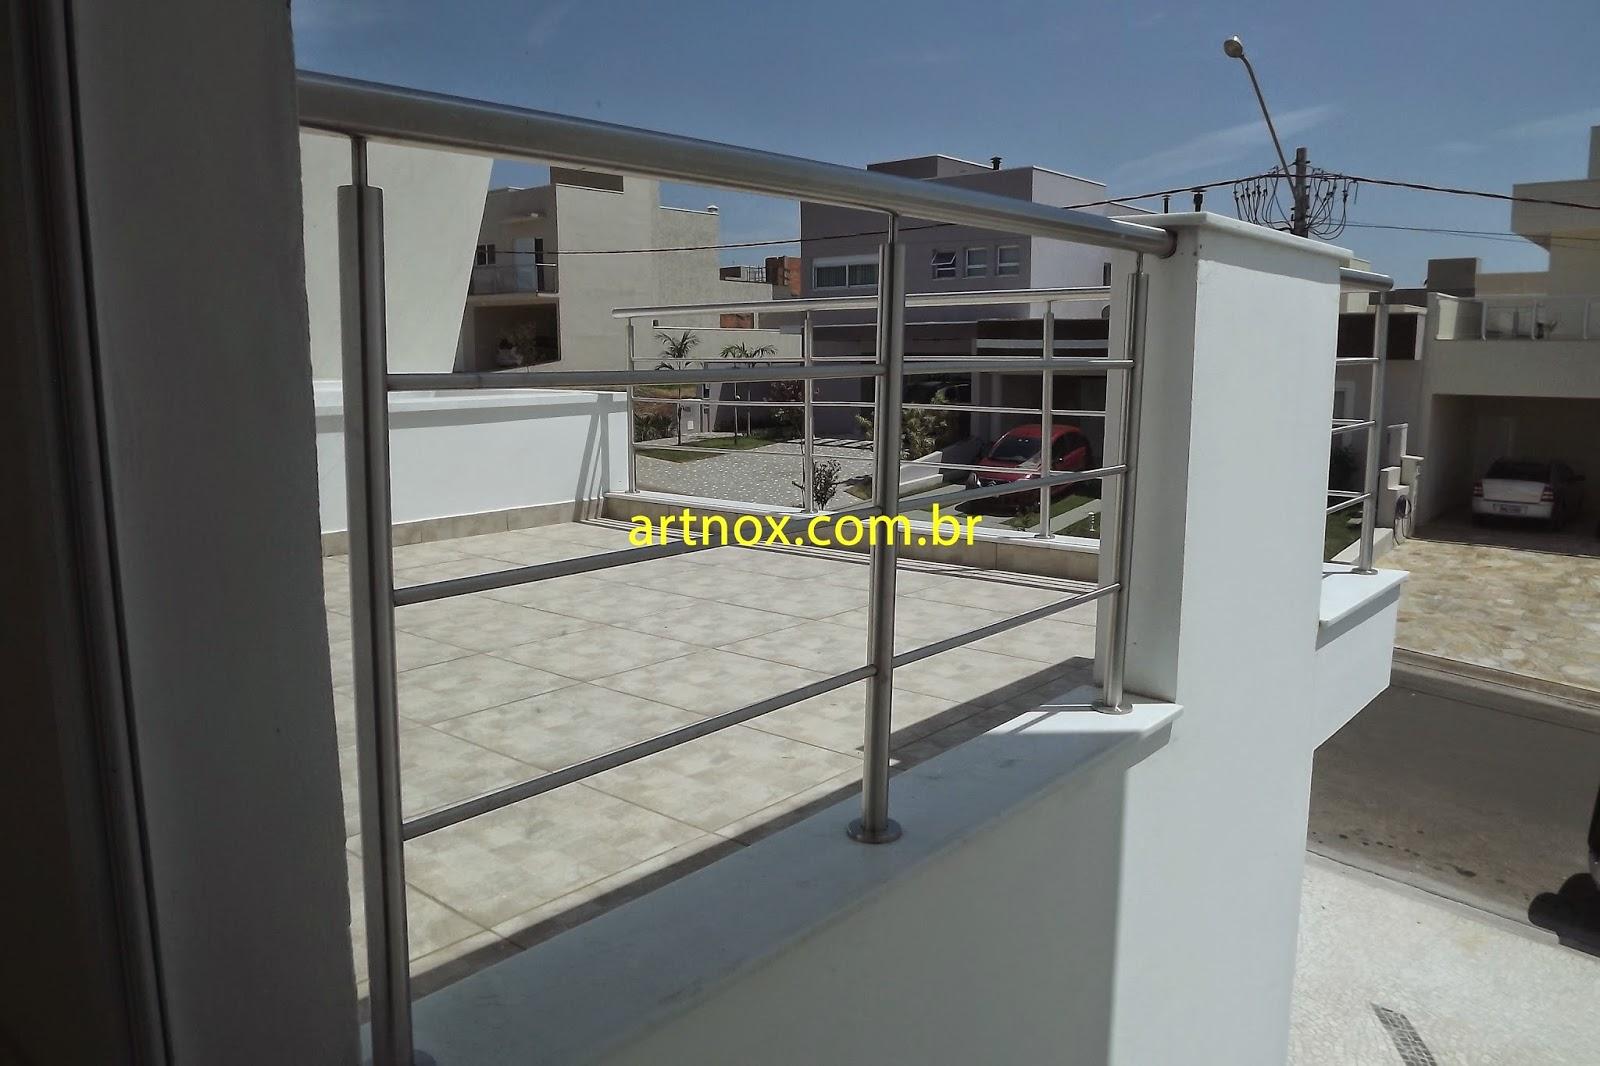 #506171  Guarda corpo em aço inox 304 escovado 3 tubinhos Guarulhos São Paulo 4376 Janela Aluminio Guarulhos